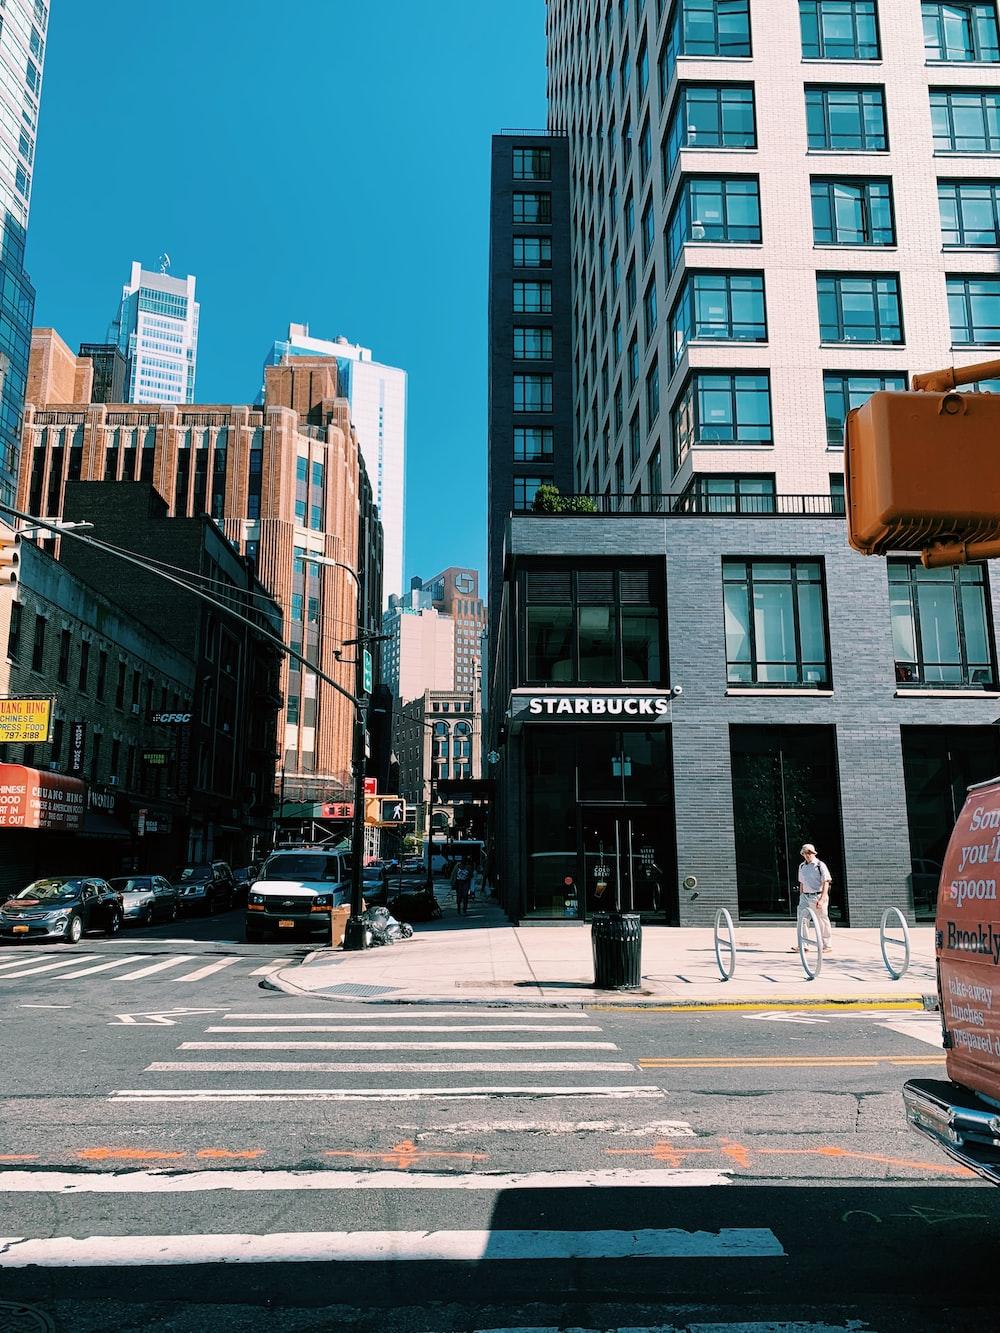 empty pedestrian lane at daytime